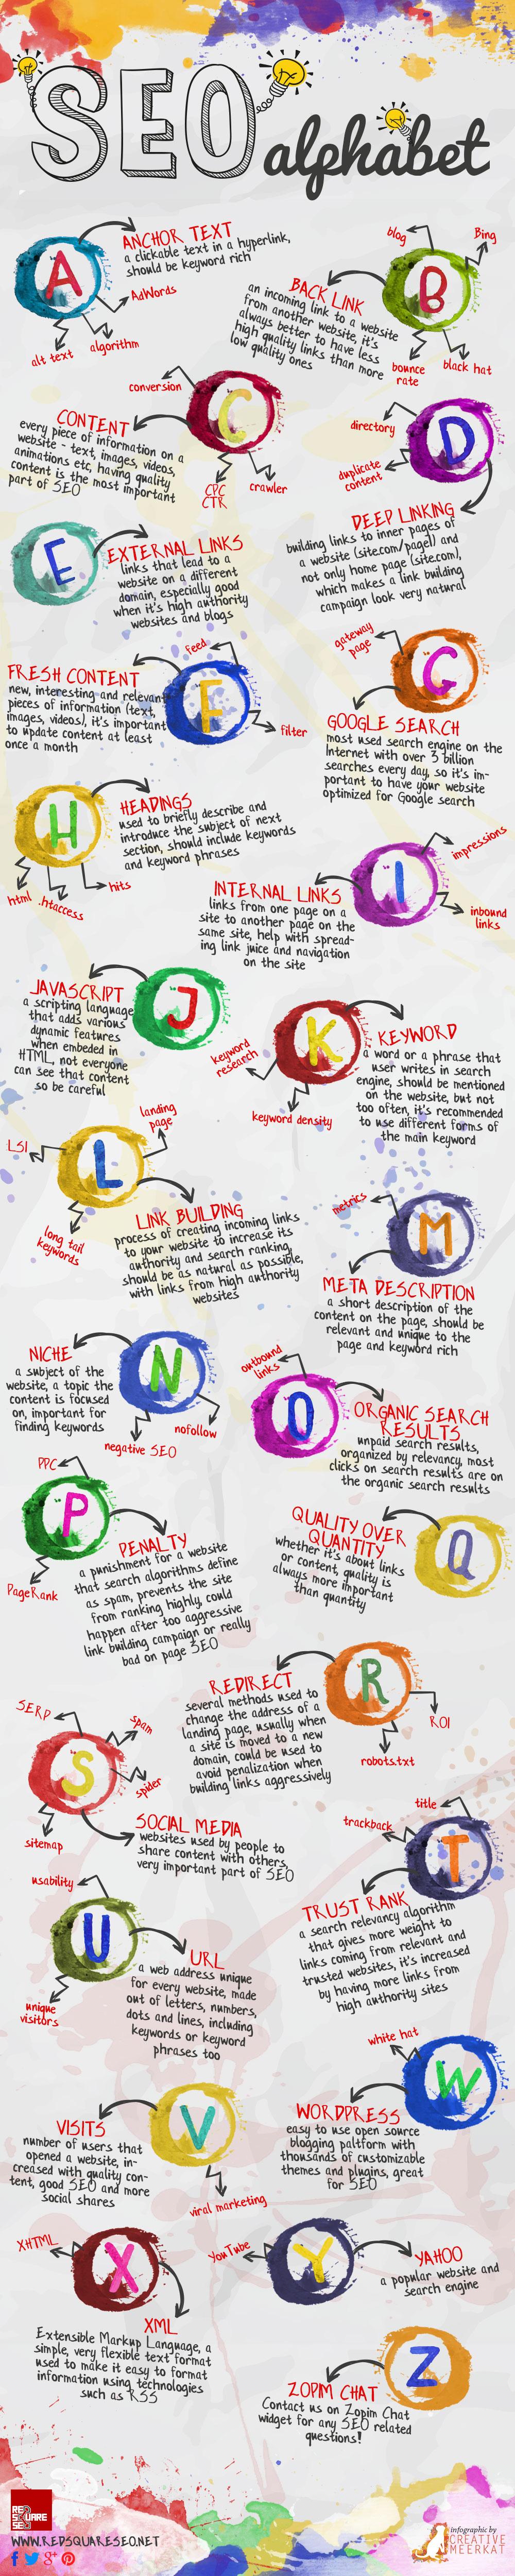 infographie alphabet SEO